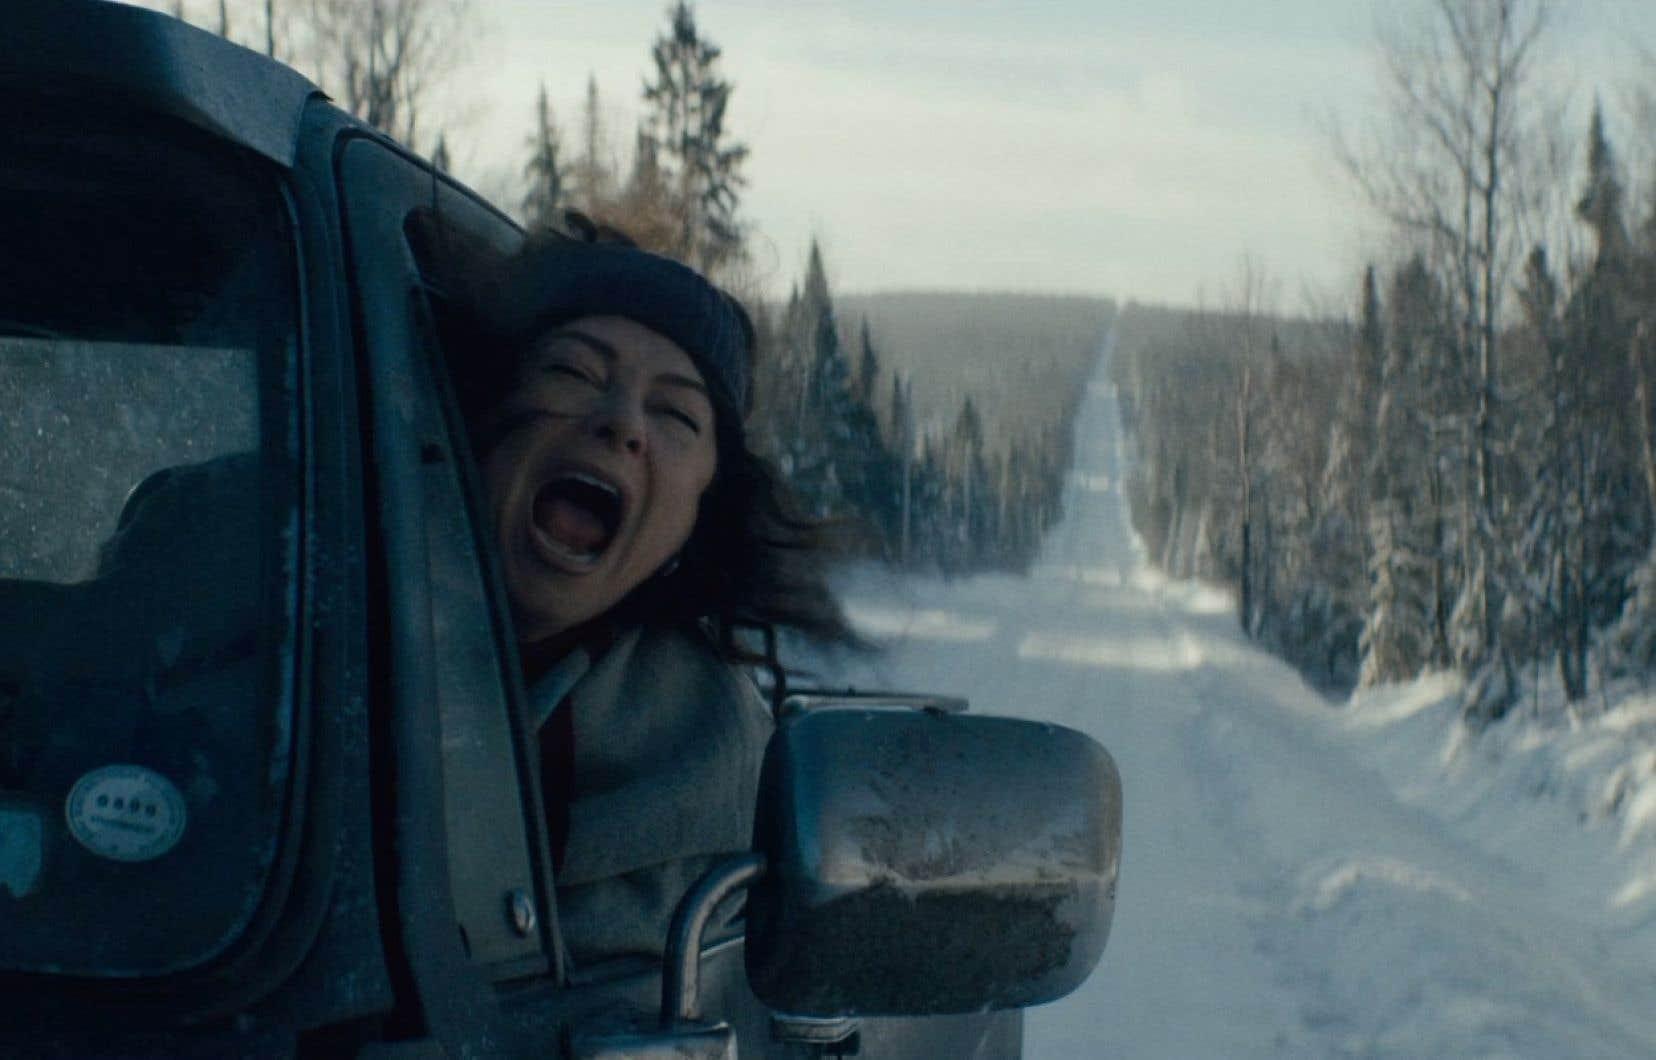 Martine Francke interprète une femme en fuite dans le court métrage «Je finirai en prison», du réalisateur québécois Alexandre Dostie. Le film a été présenté au festival Sundance.